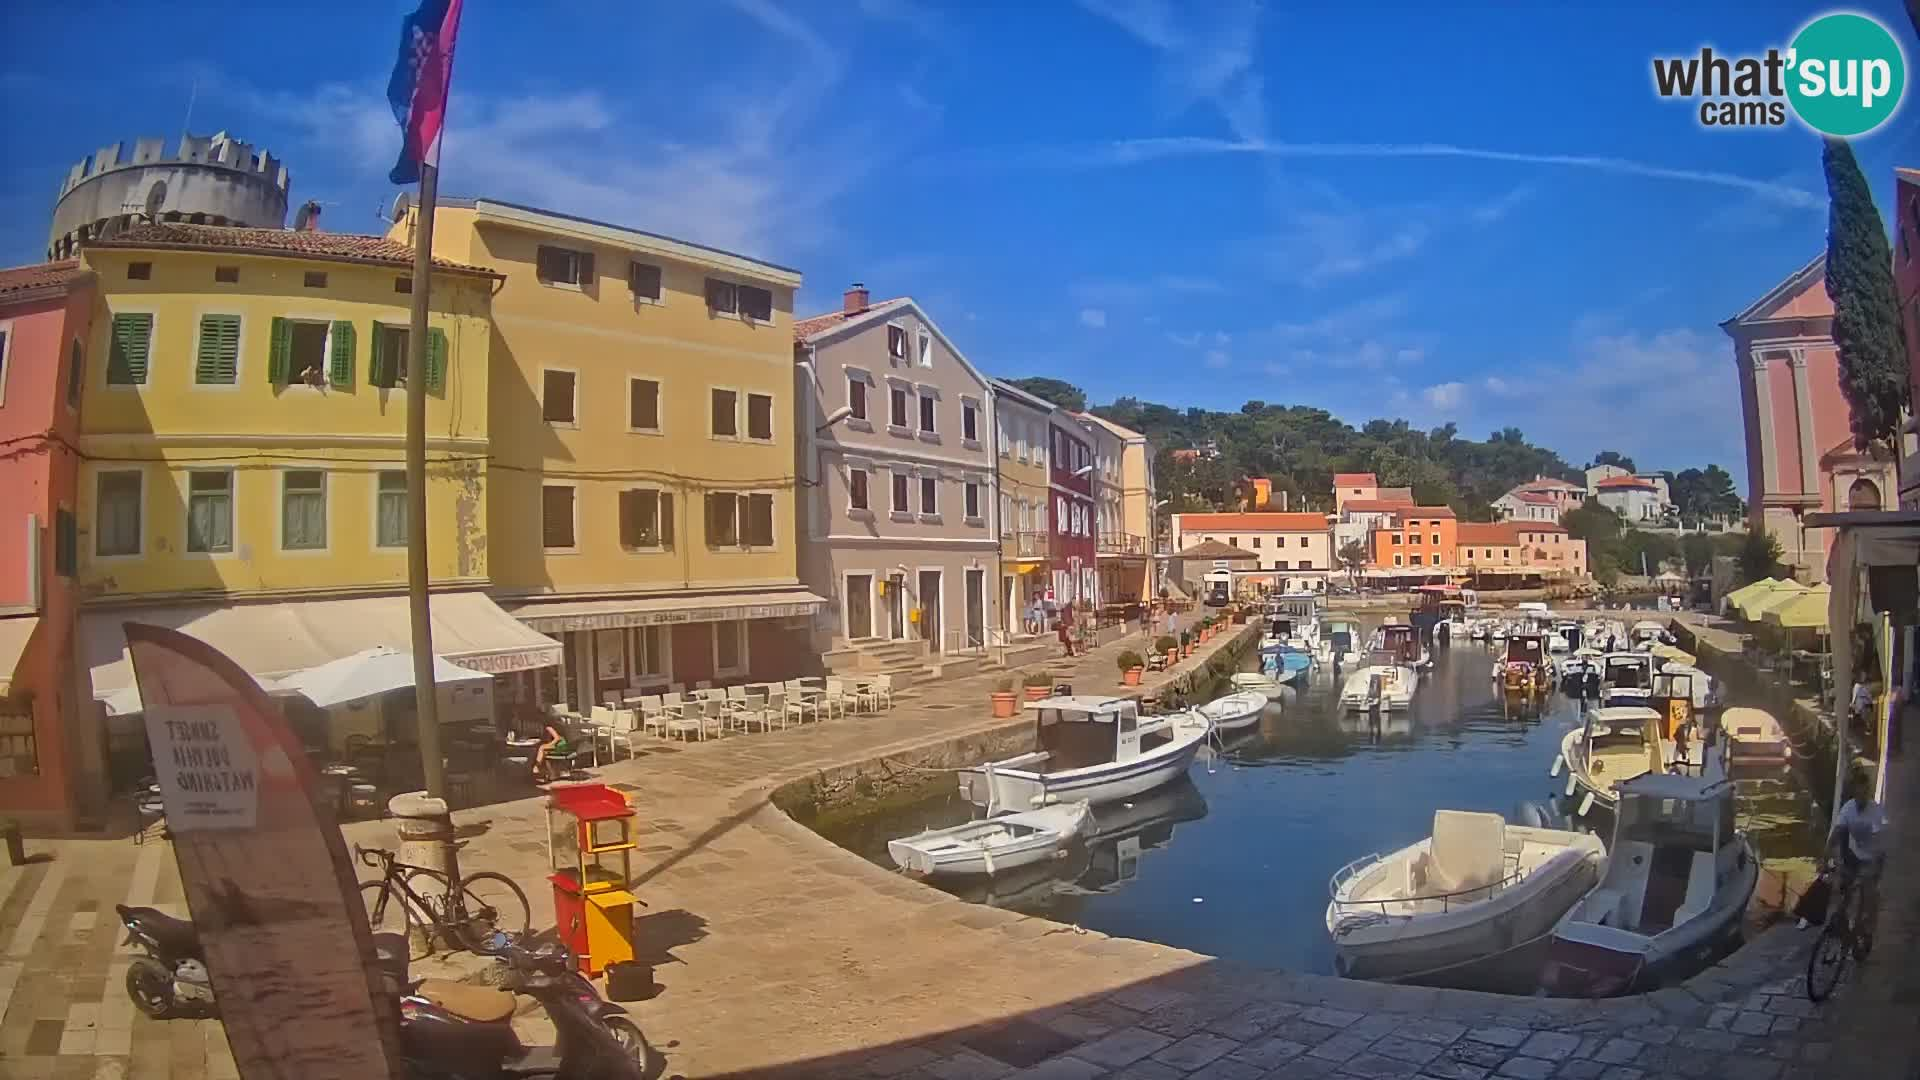 Webcam Streaming – El puerto de Veli Lošinj